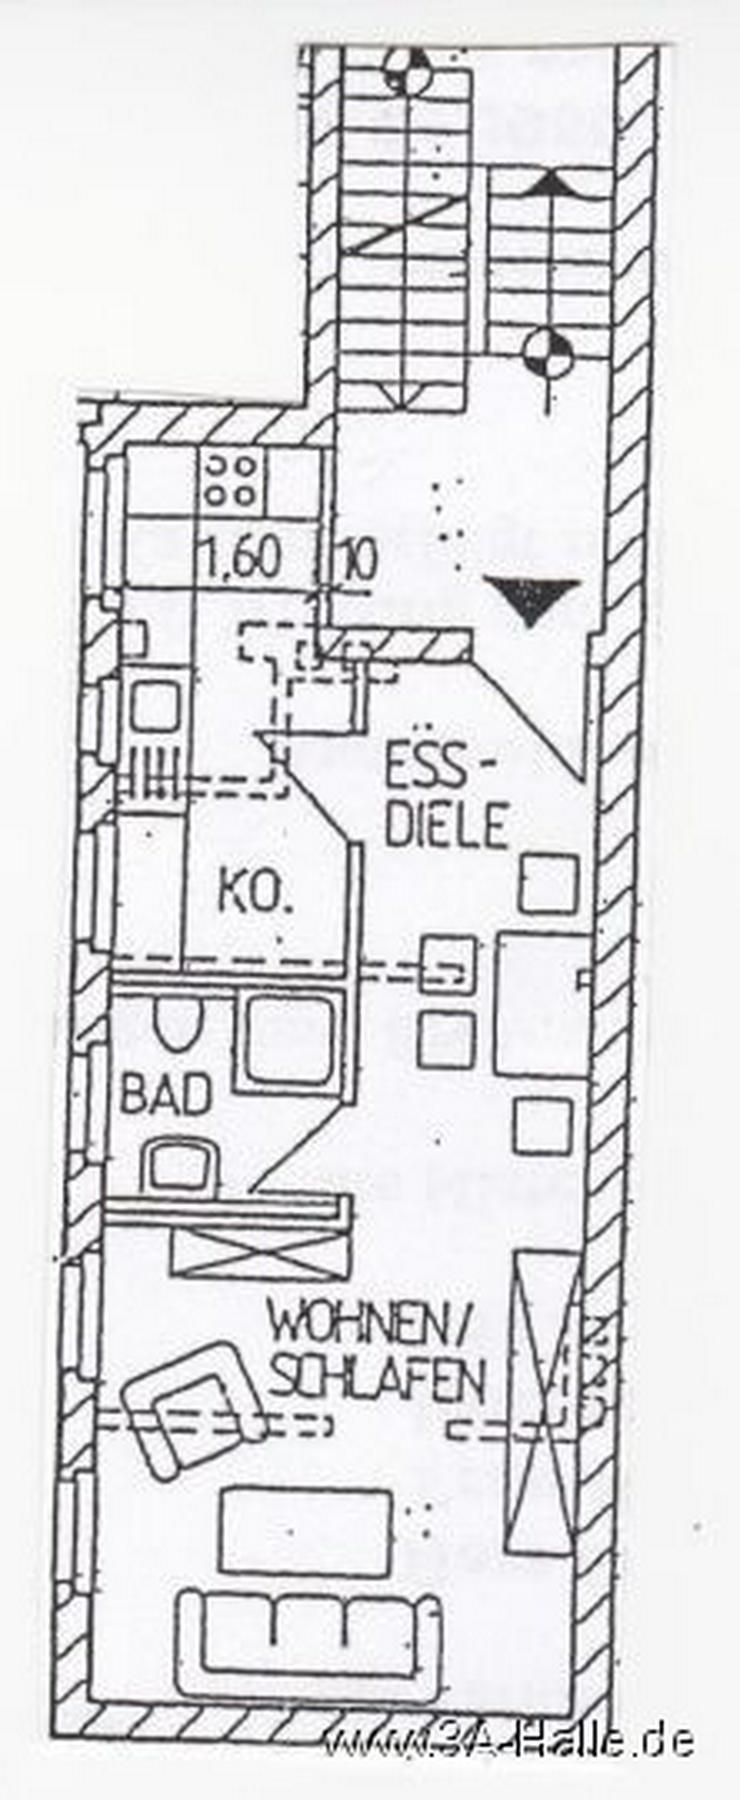 Bild 2: Ideal für Junggesellen! Leopoldstrasse